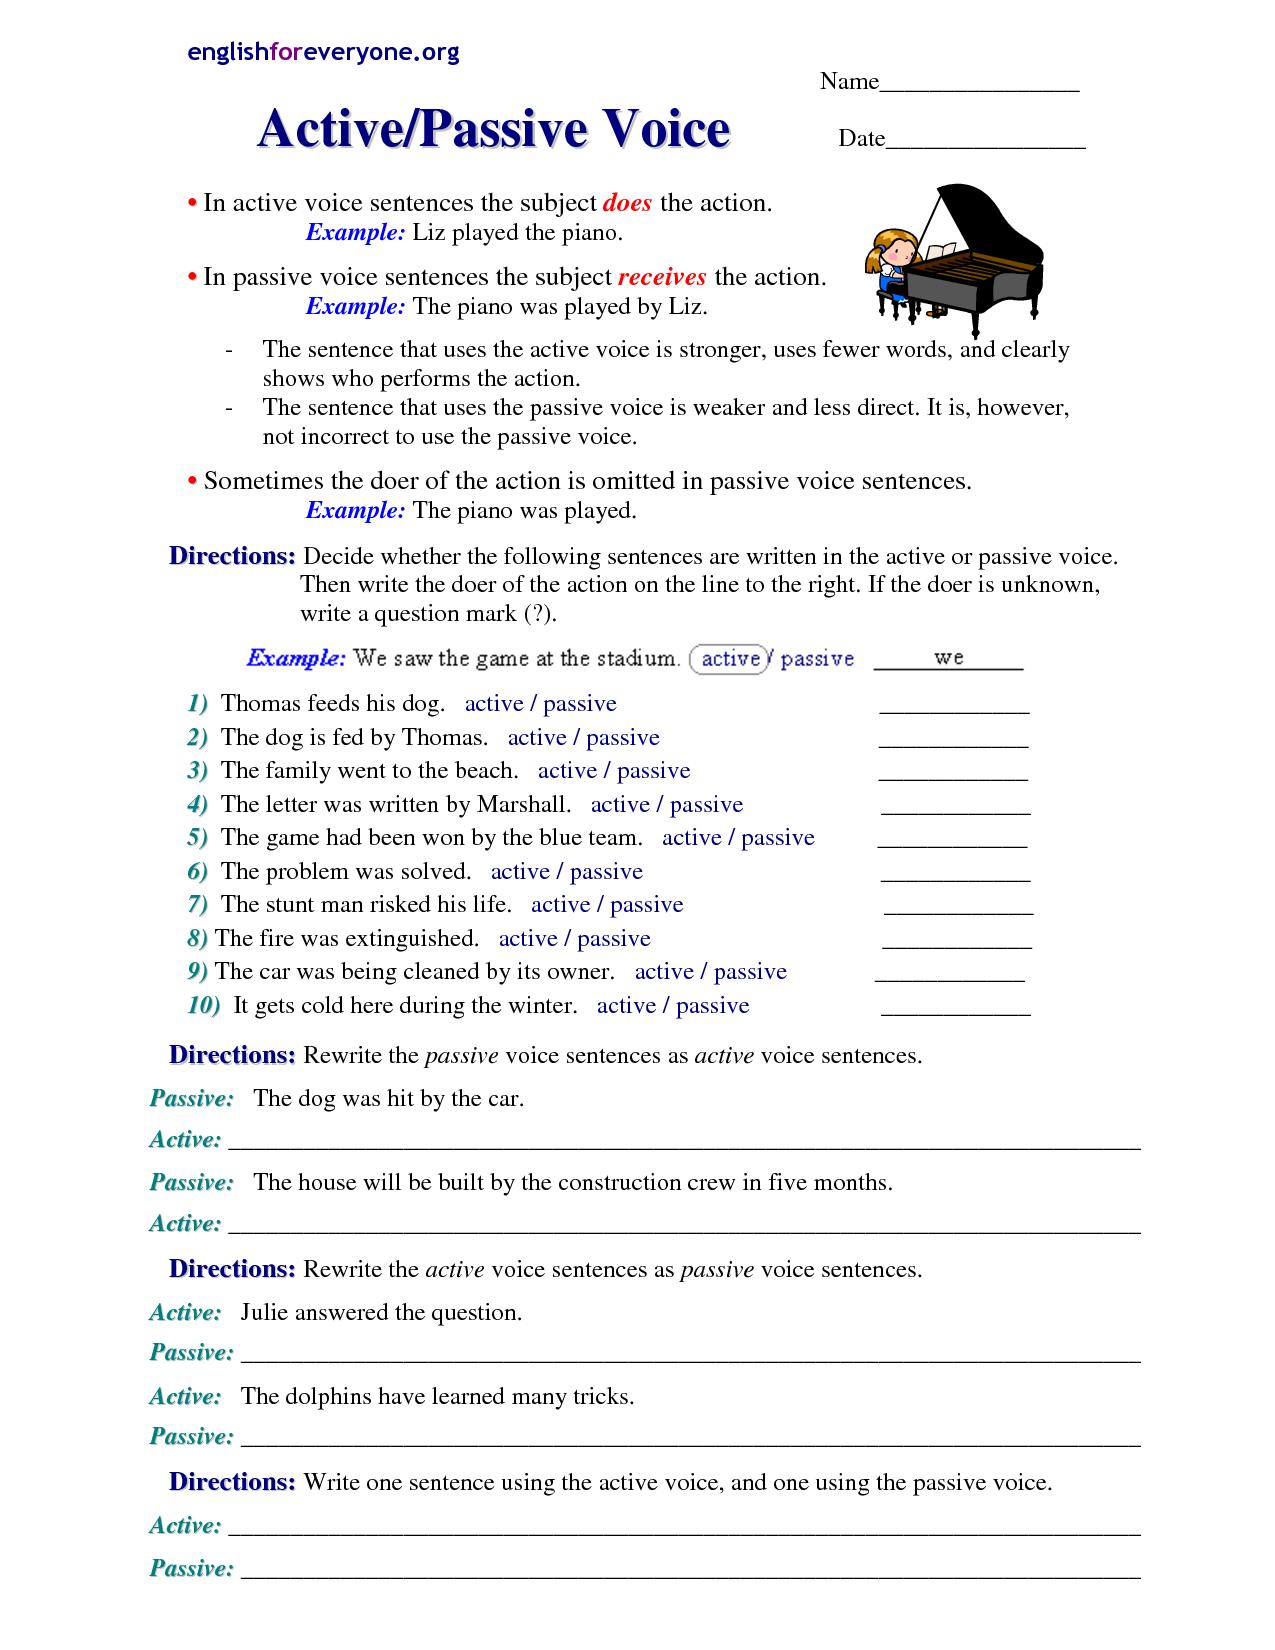 Com Category Grammar Passive Voice